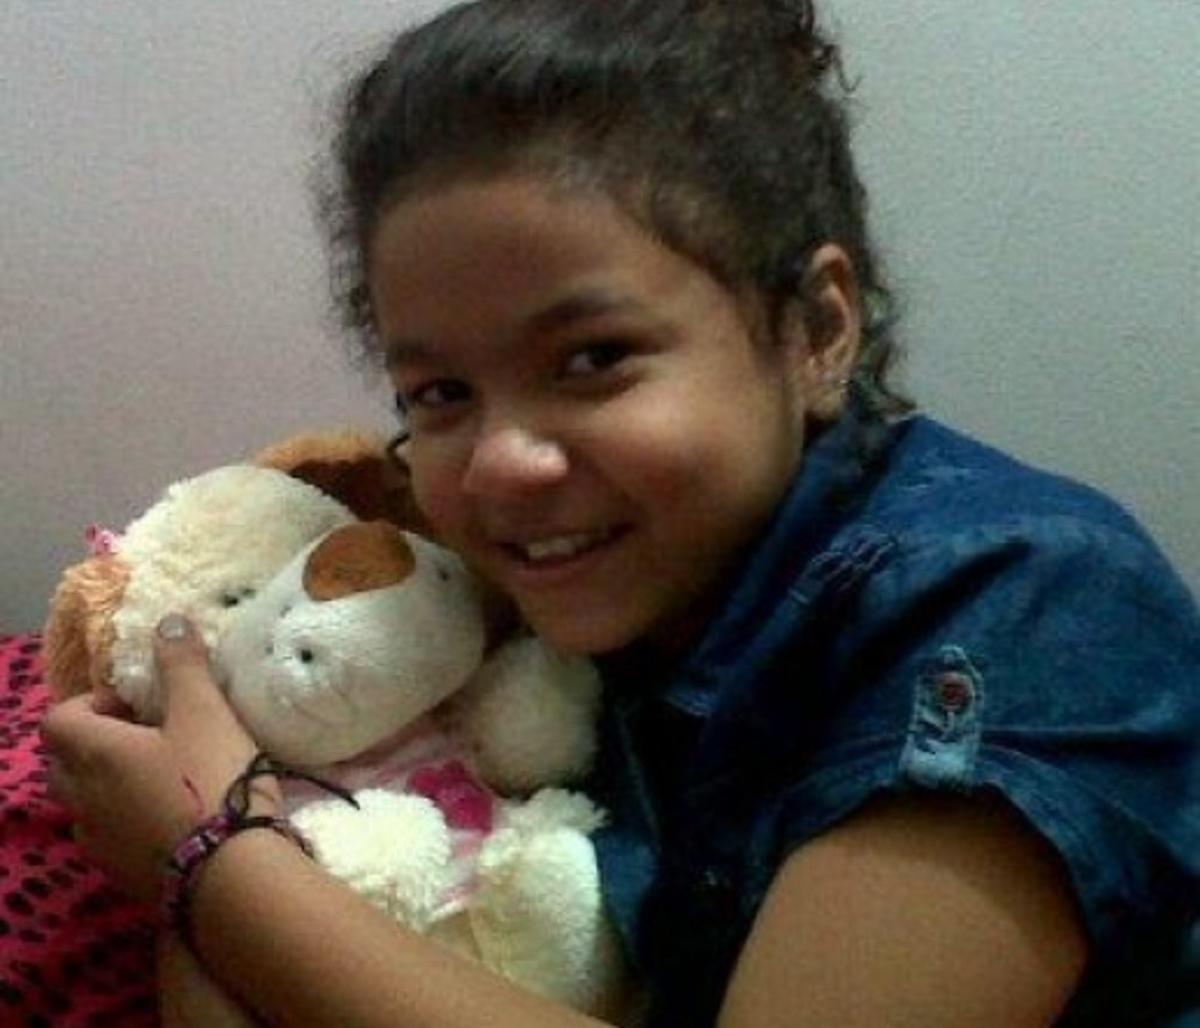 Θύμα απαγωγής 10χρονη κόρη δημάρχου! | Newsit.gr